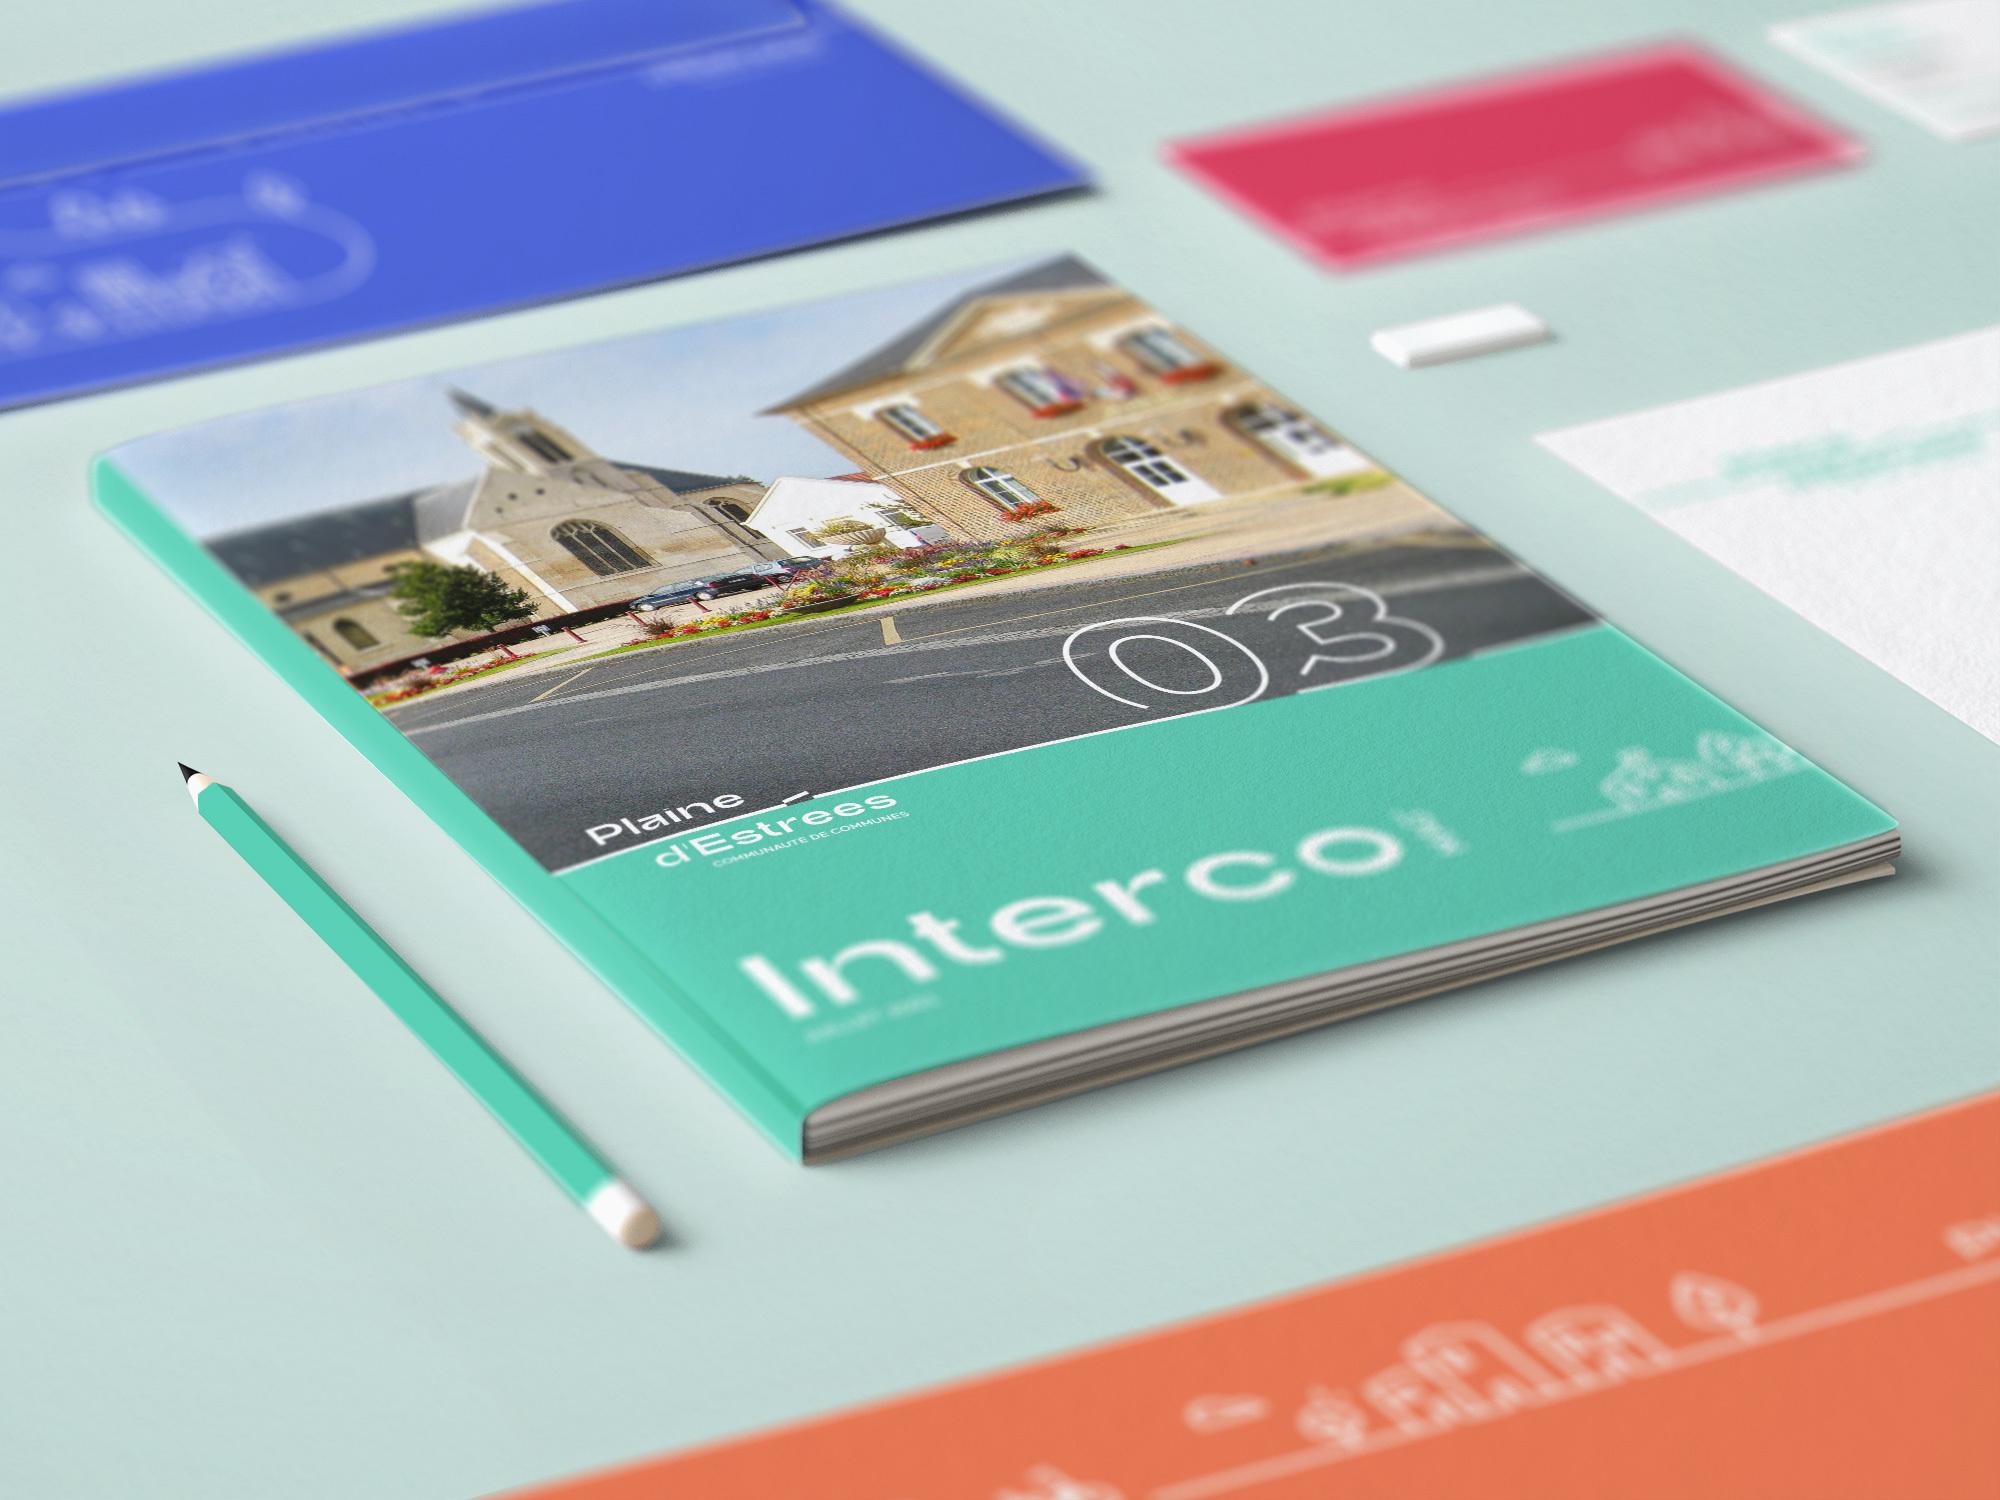 Magazine IntercoMag Plaine D'Estrees identité visuelle 15